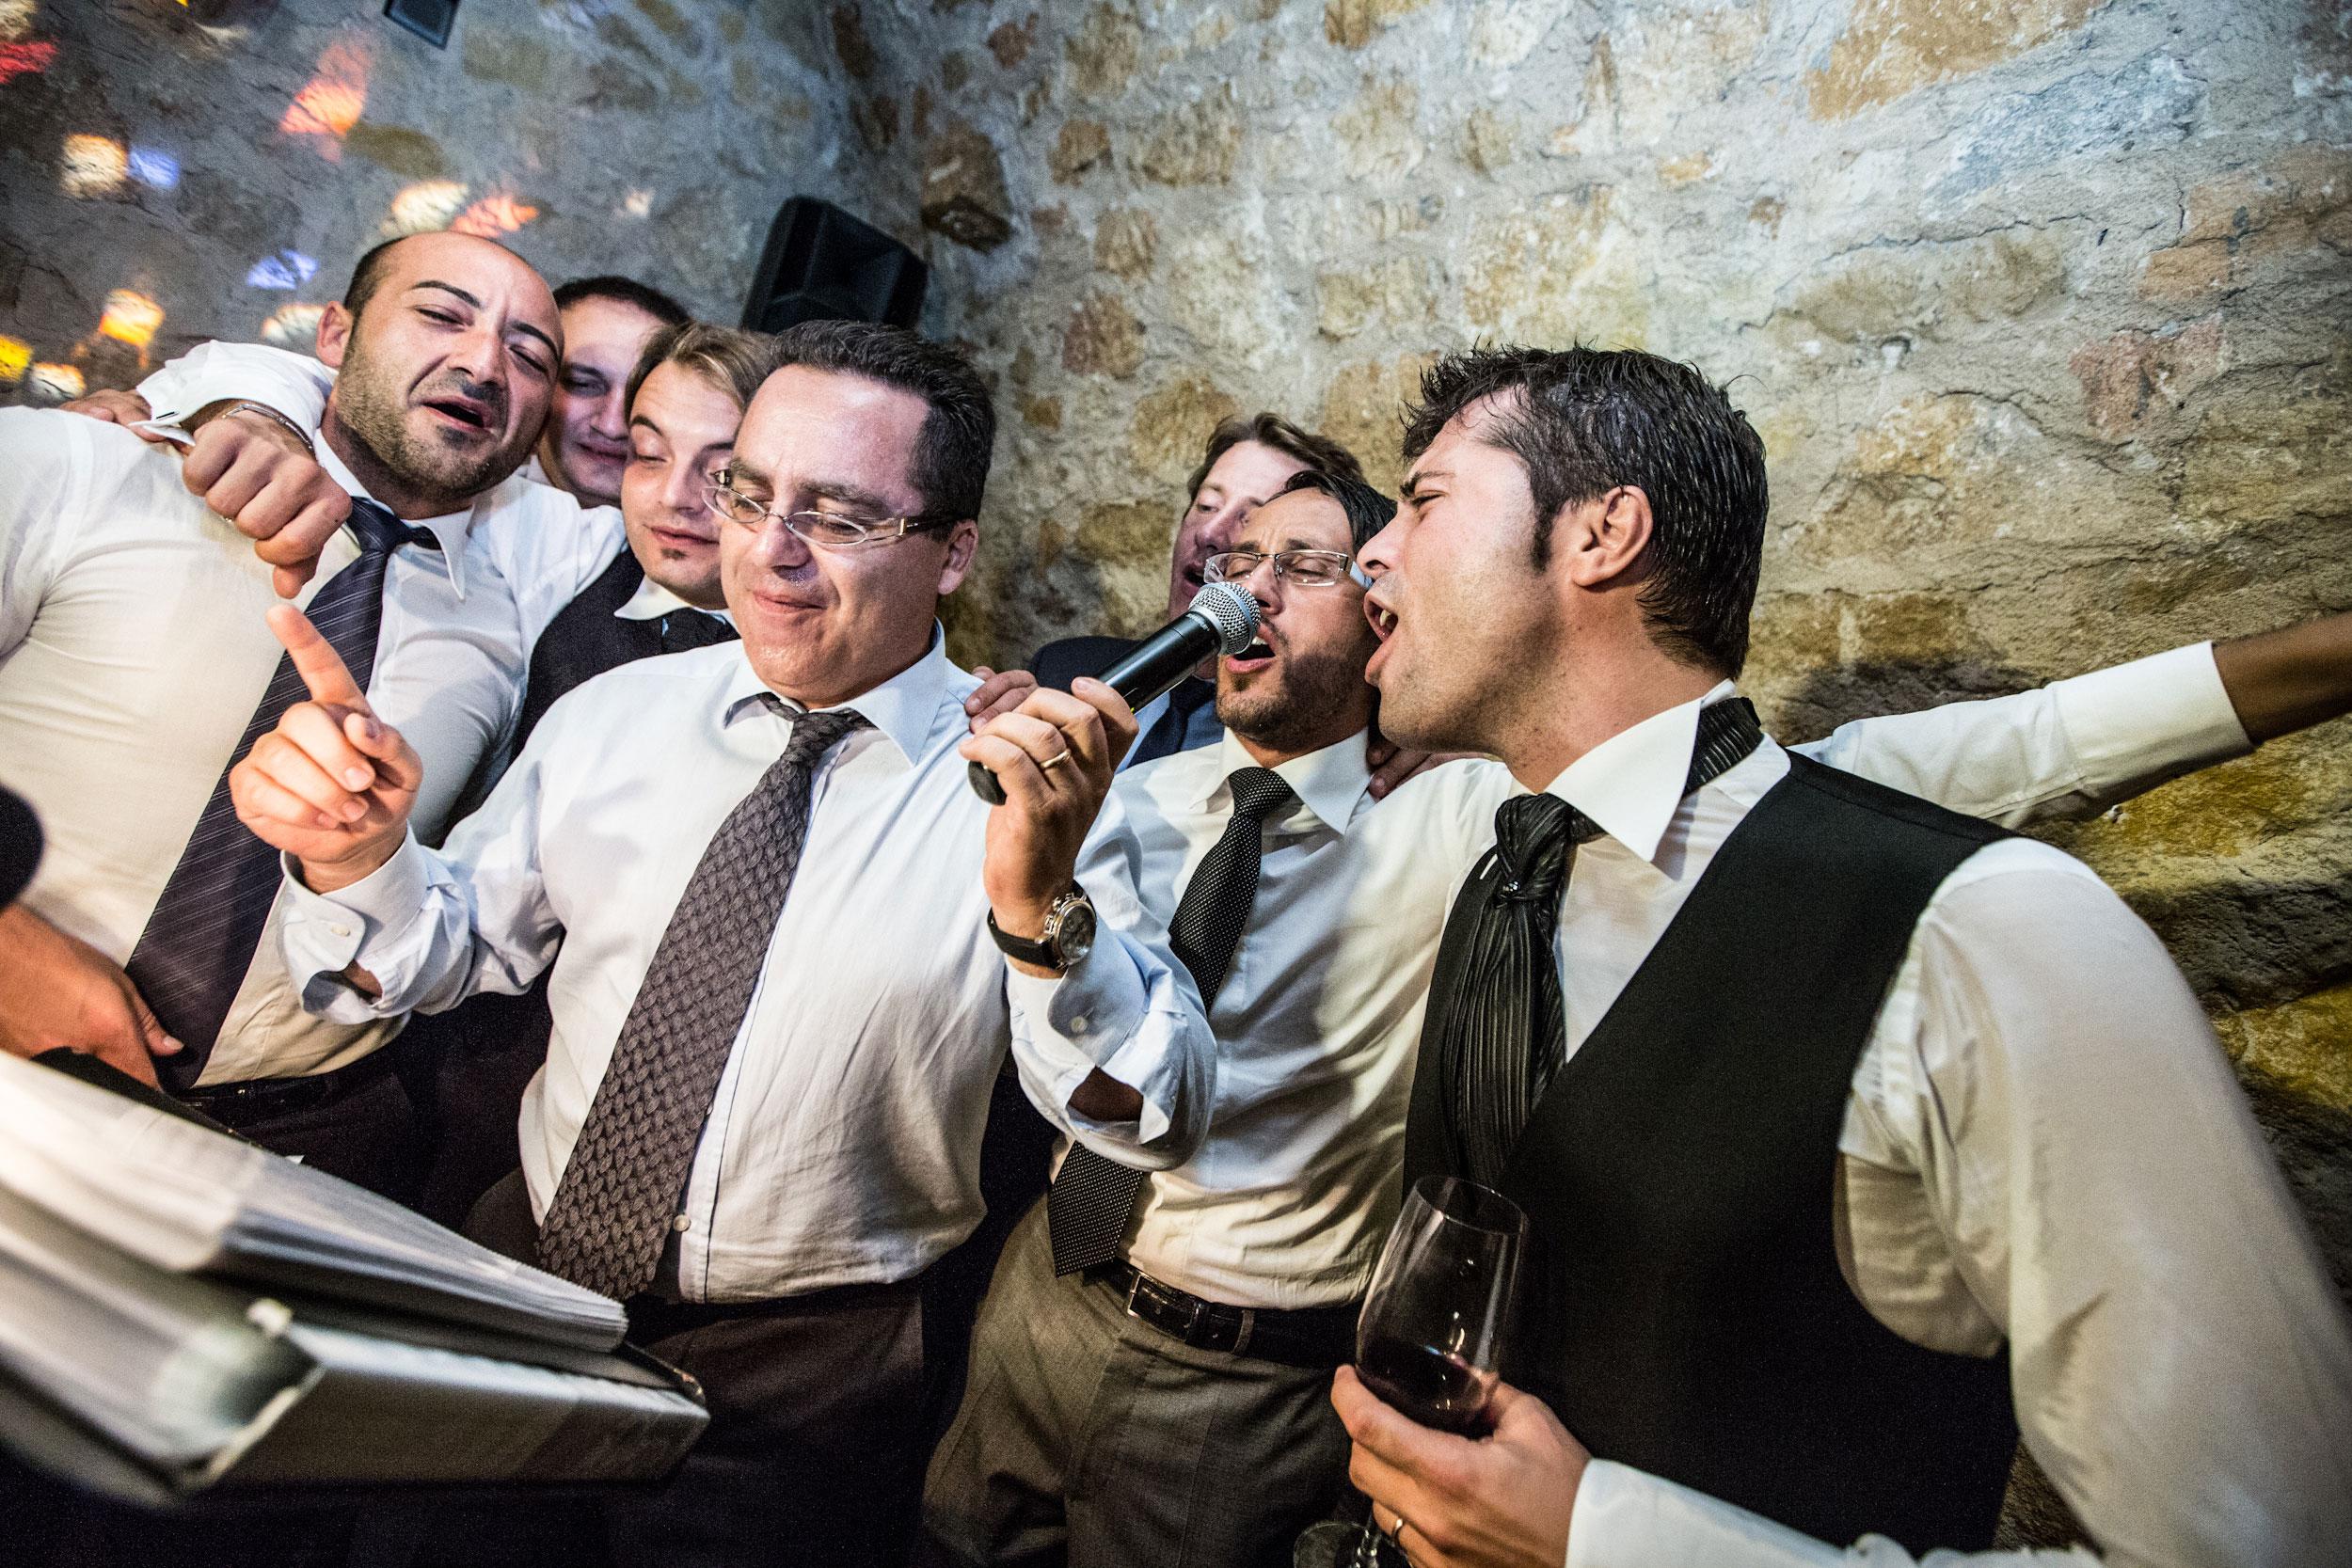 Hochzeitsreportage_Freiburg_Basel_zuerich_hochzetsreportage_Celebration_Gaeste singen Karaoke